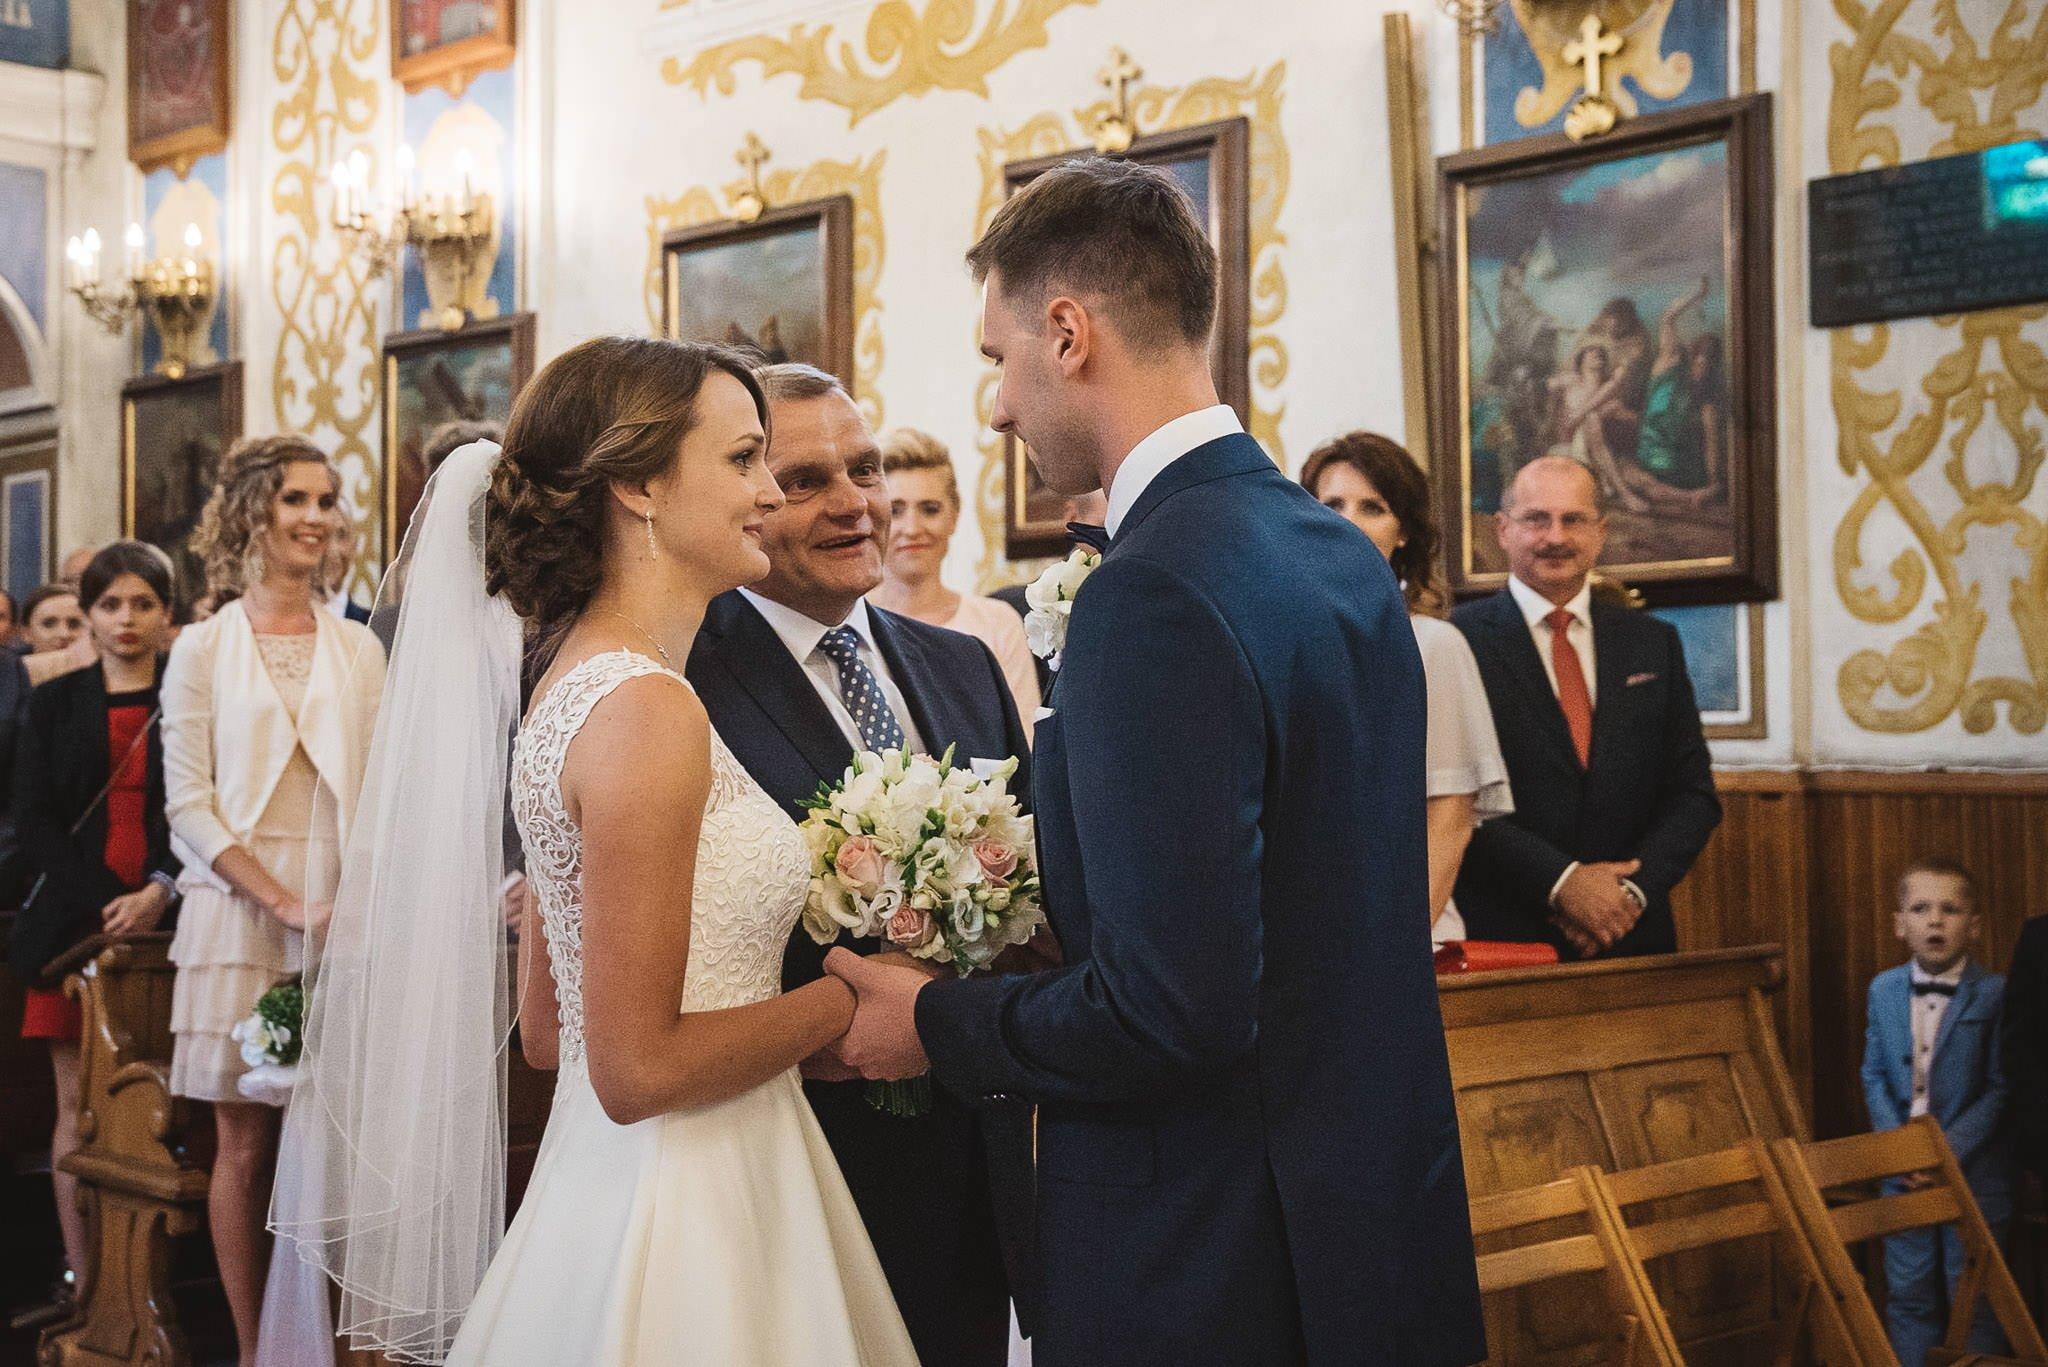 Monika i Michał, wesele w Paryżu i sesja plenerowa w stadninie koni w Czołowie 102